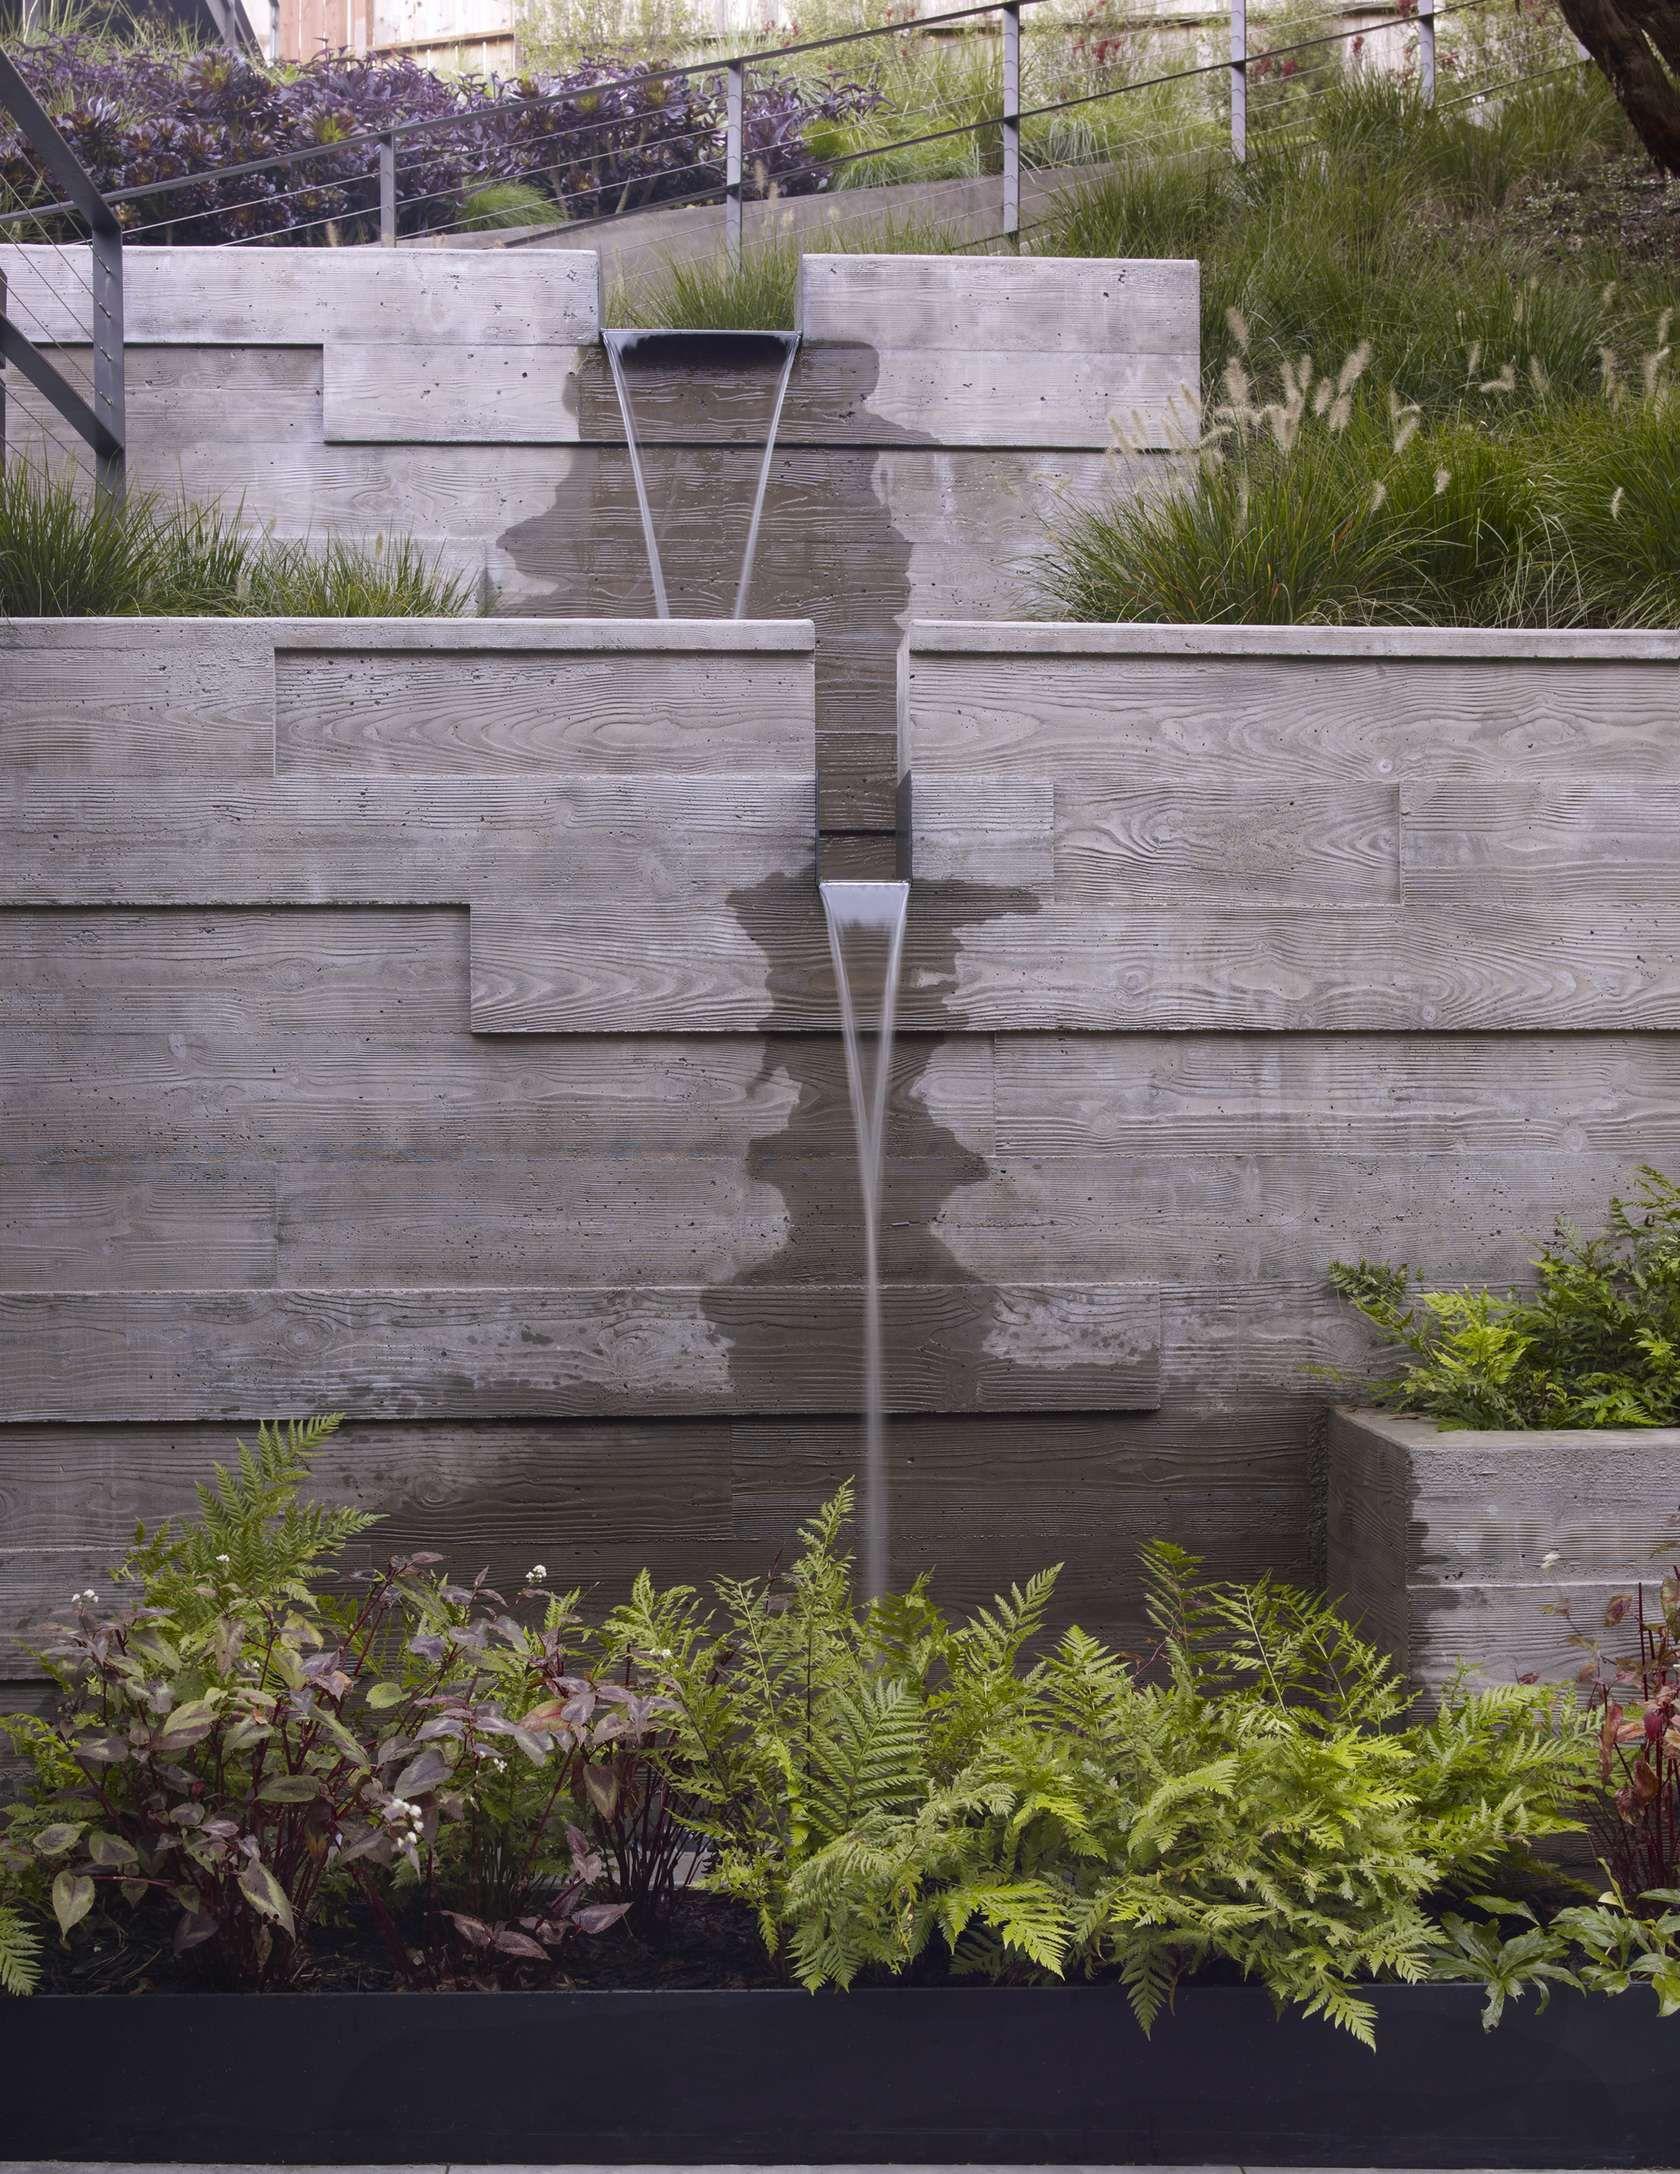 Rieder S Residence Sfo Espelho De Agua Paisagismo Jardim